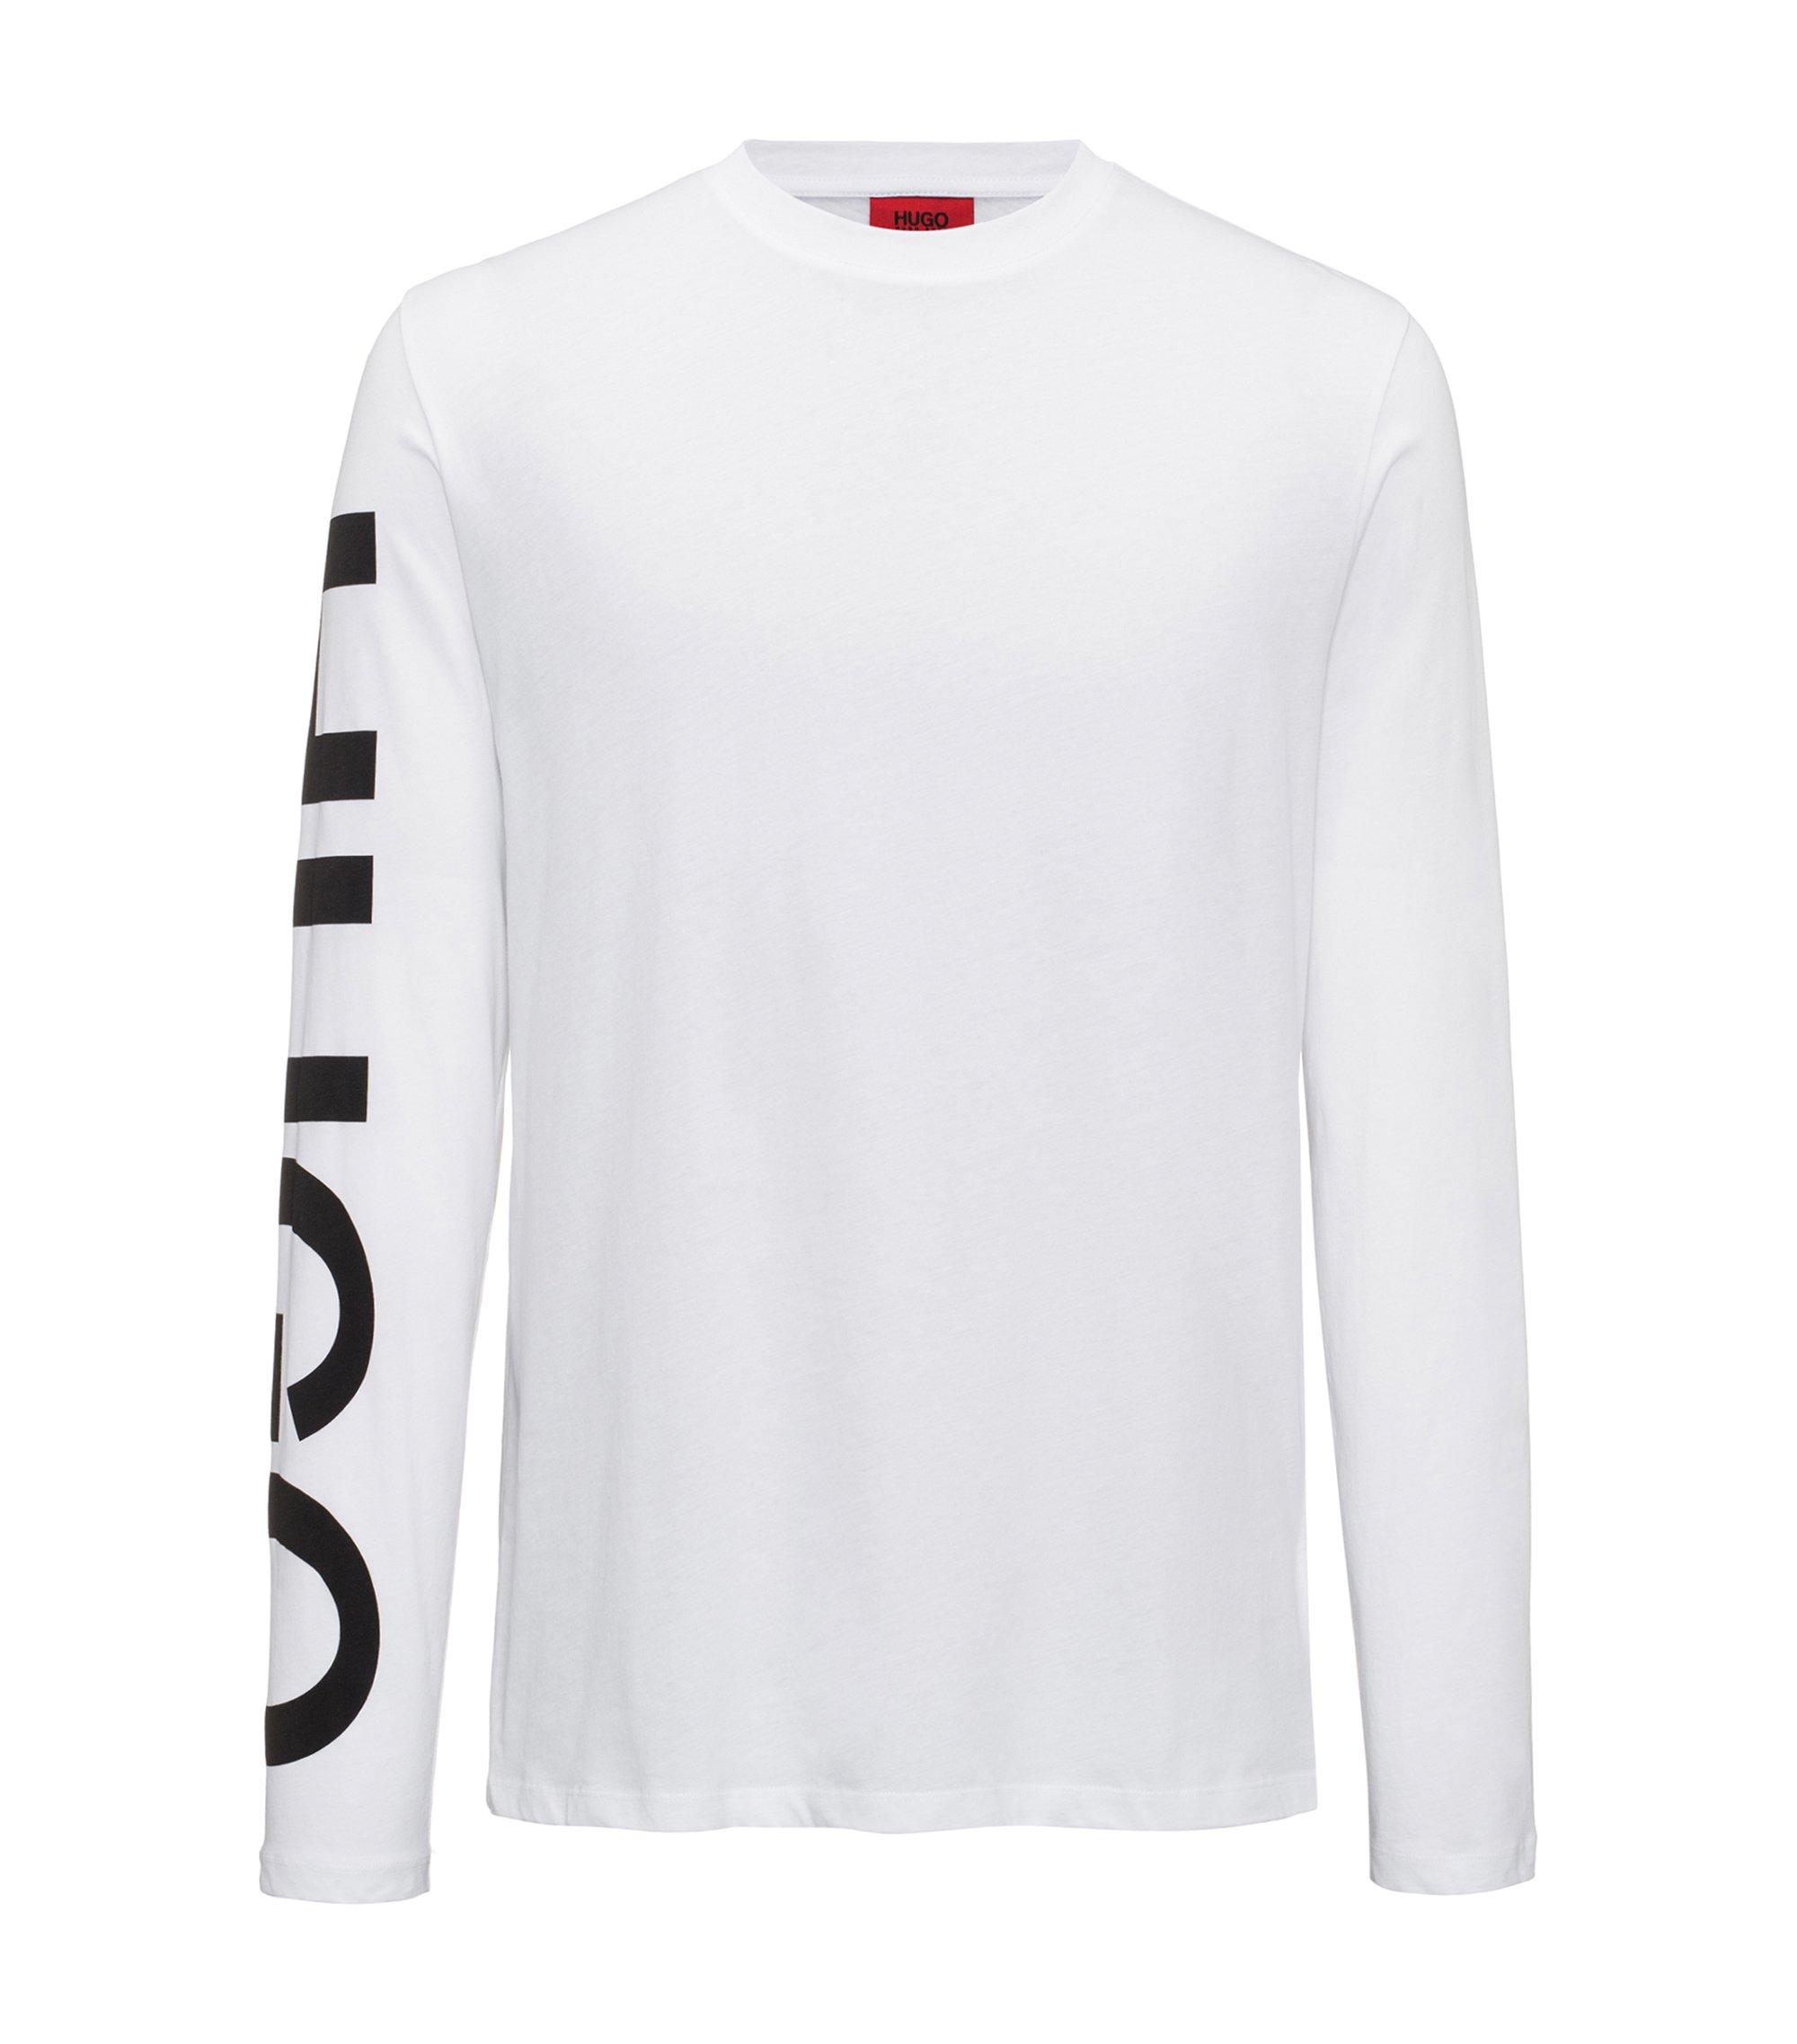 Longsleeve aus Baumwoll-Jersey mit Logo-Print auf dem Ärmel, Weiß